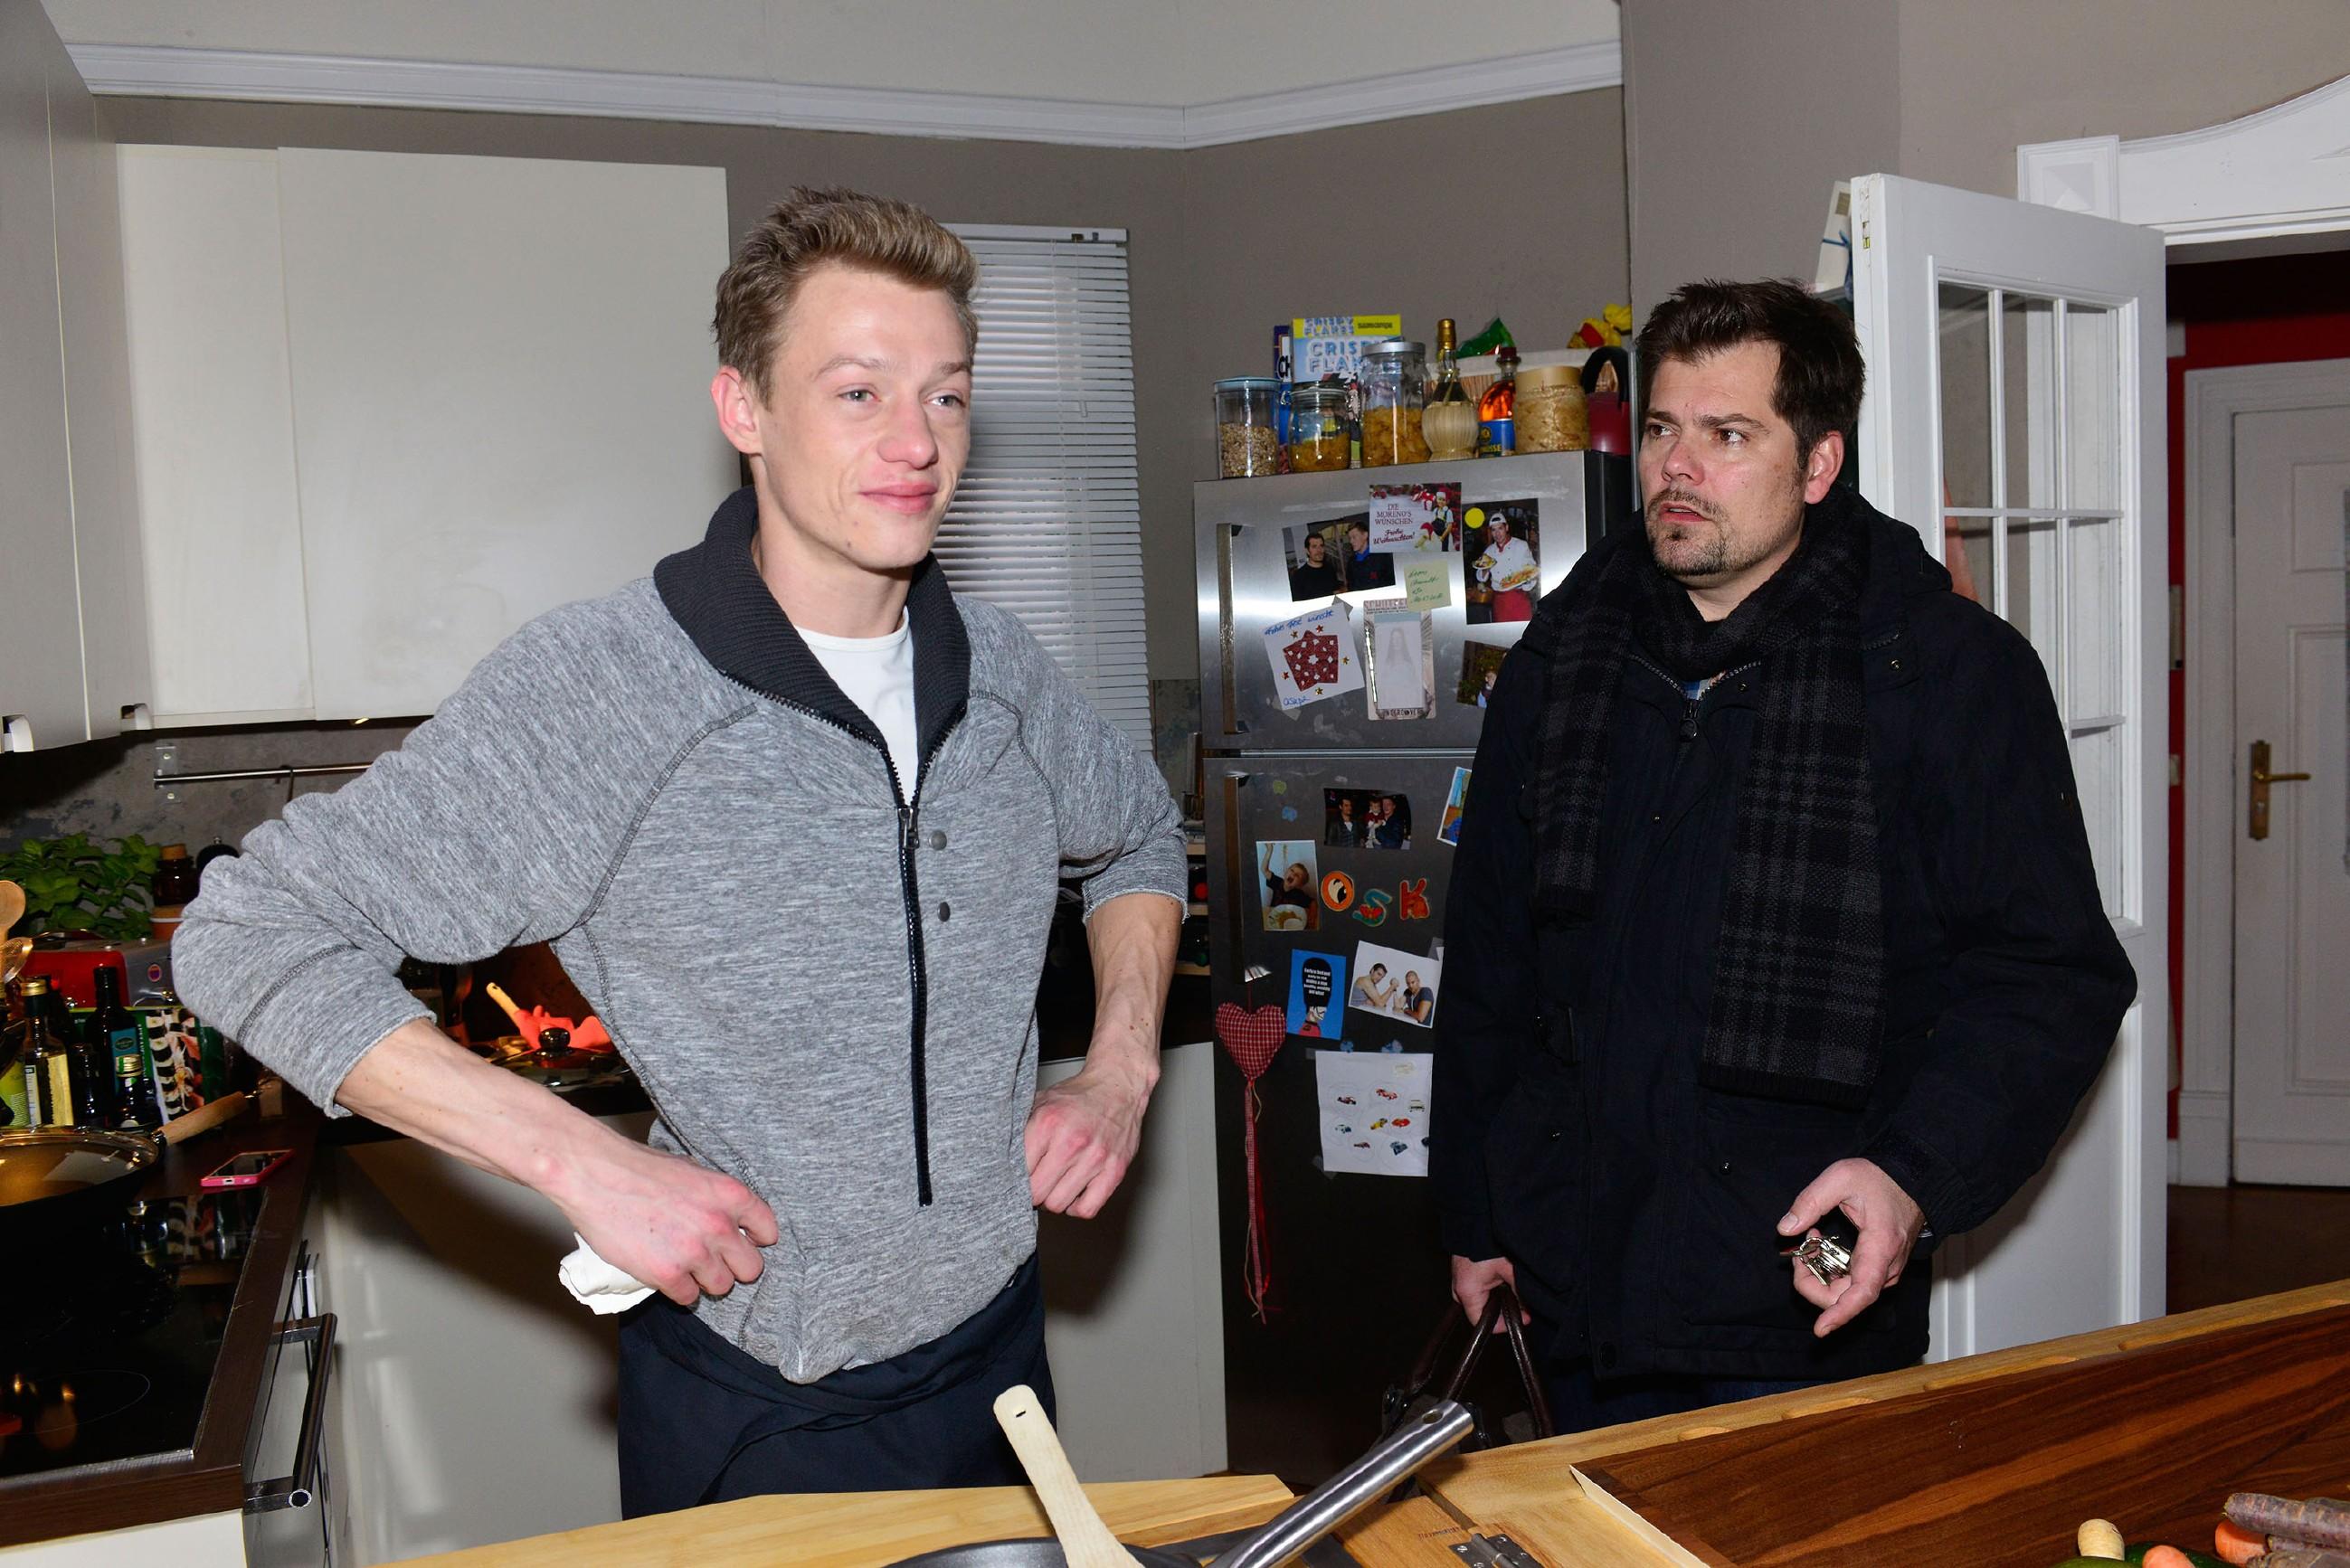 Vince (Vincent Krüger, l.) ist Feuer und Flamme für seine Live-Cooking-Idee und will Leon (Daniel Fehlow) beweisen, dass er das Zeug zum Unternehmer hat. Es wurmt ihn, dass ausgerechnet sein Vater nicht an ihn glaubt...